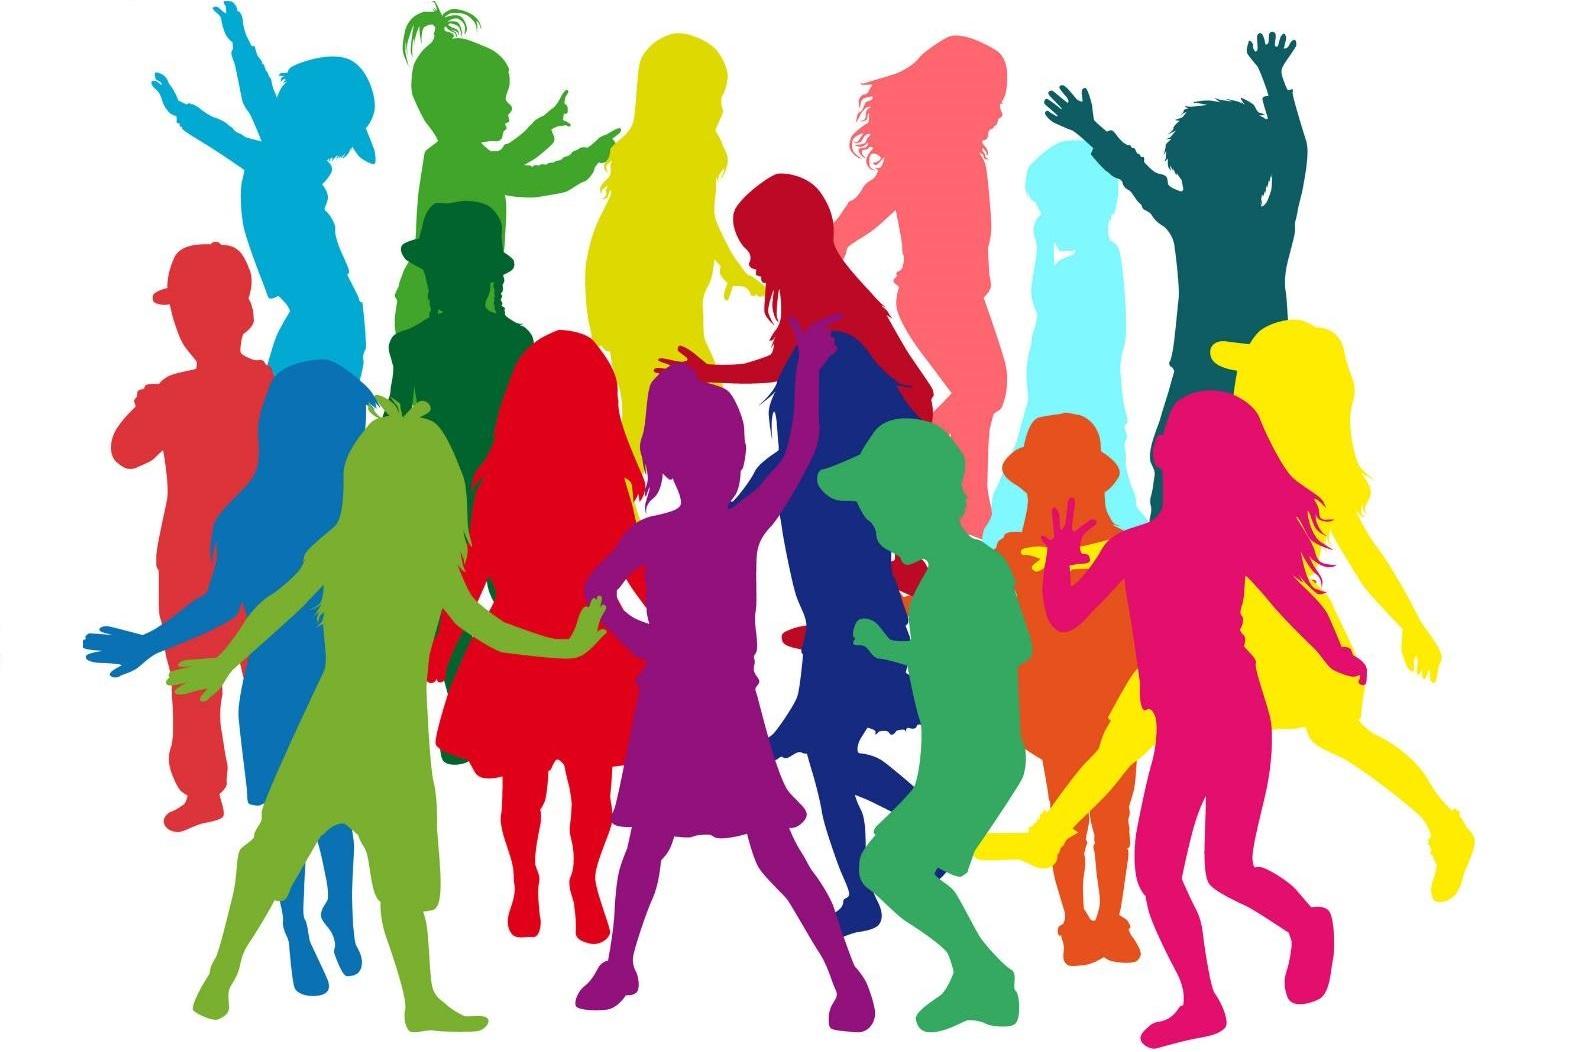 Foto: Vormen van mensen in allerlei kleuren. Veelzijdige groep mensen.